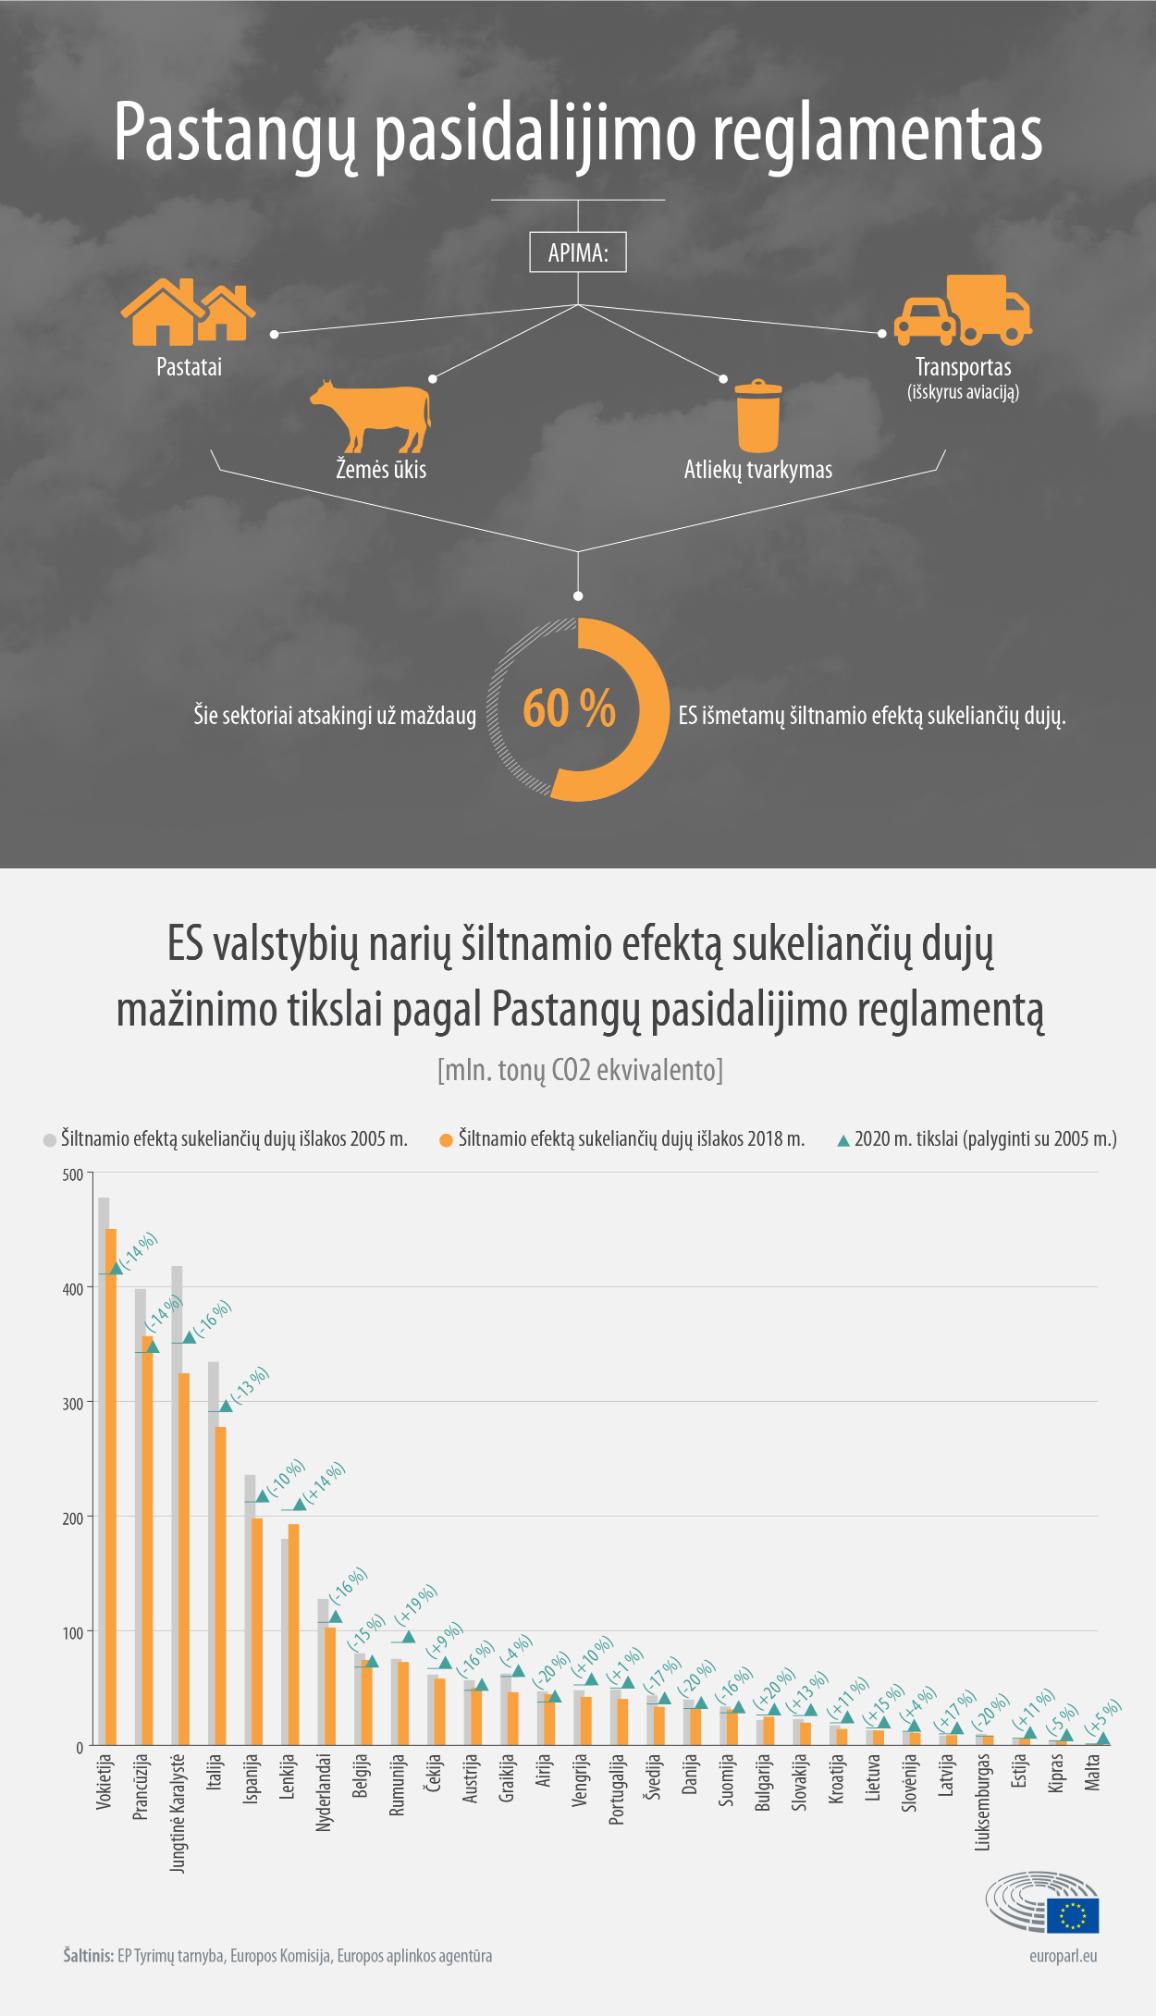 Infografikas apie Pastangų pasidalijimo reglamentą